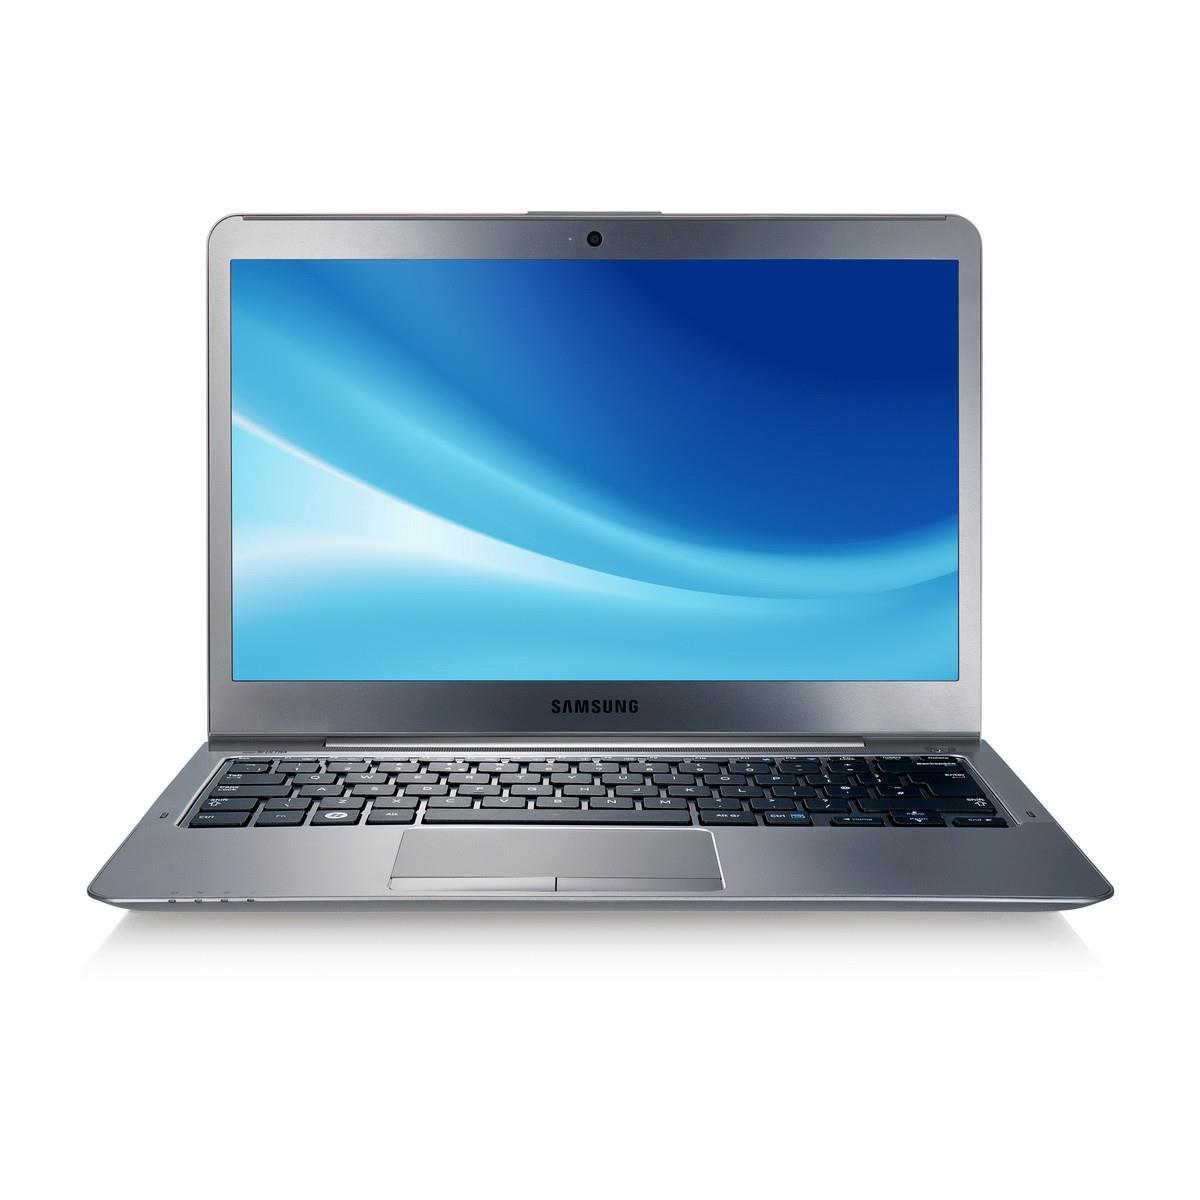 Máy tính xách tay Samsung NP300E4X-A06VN